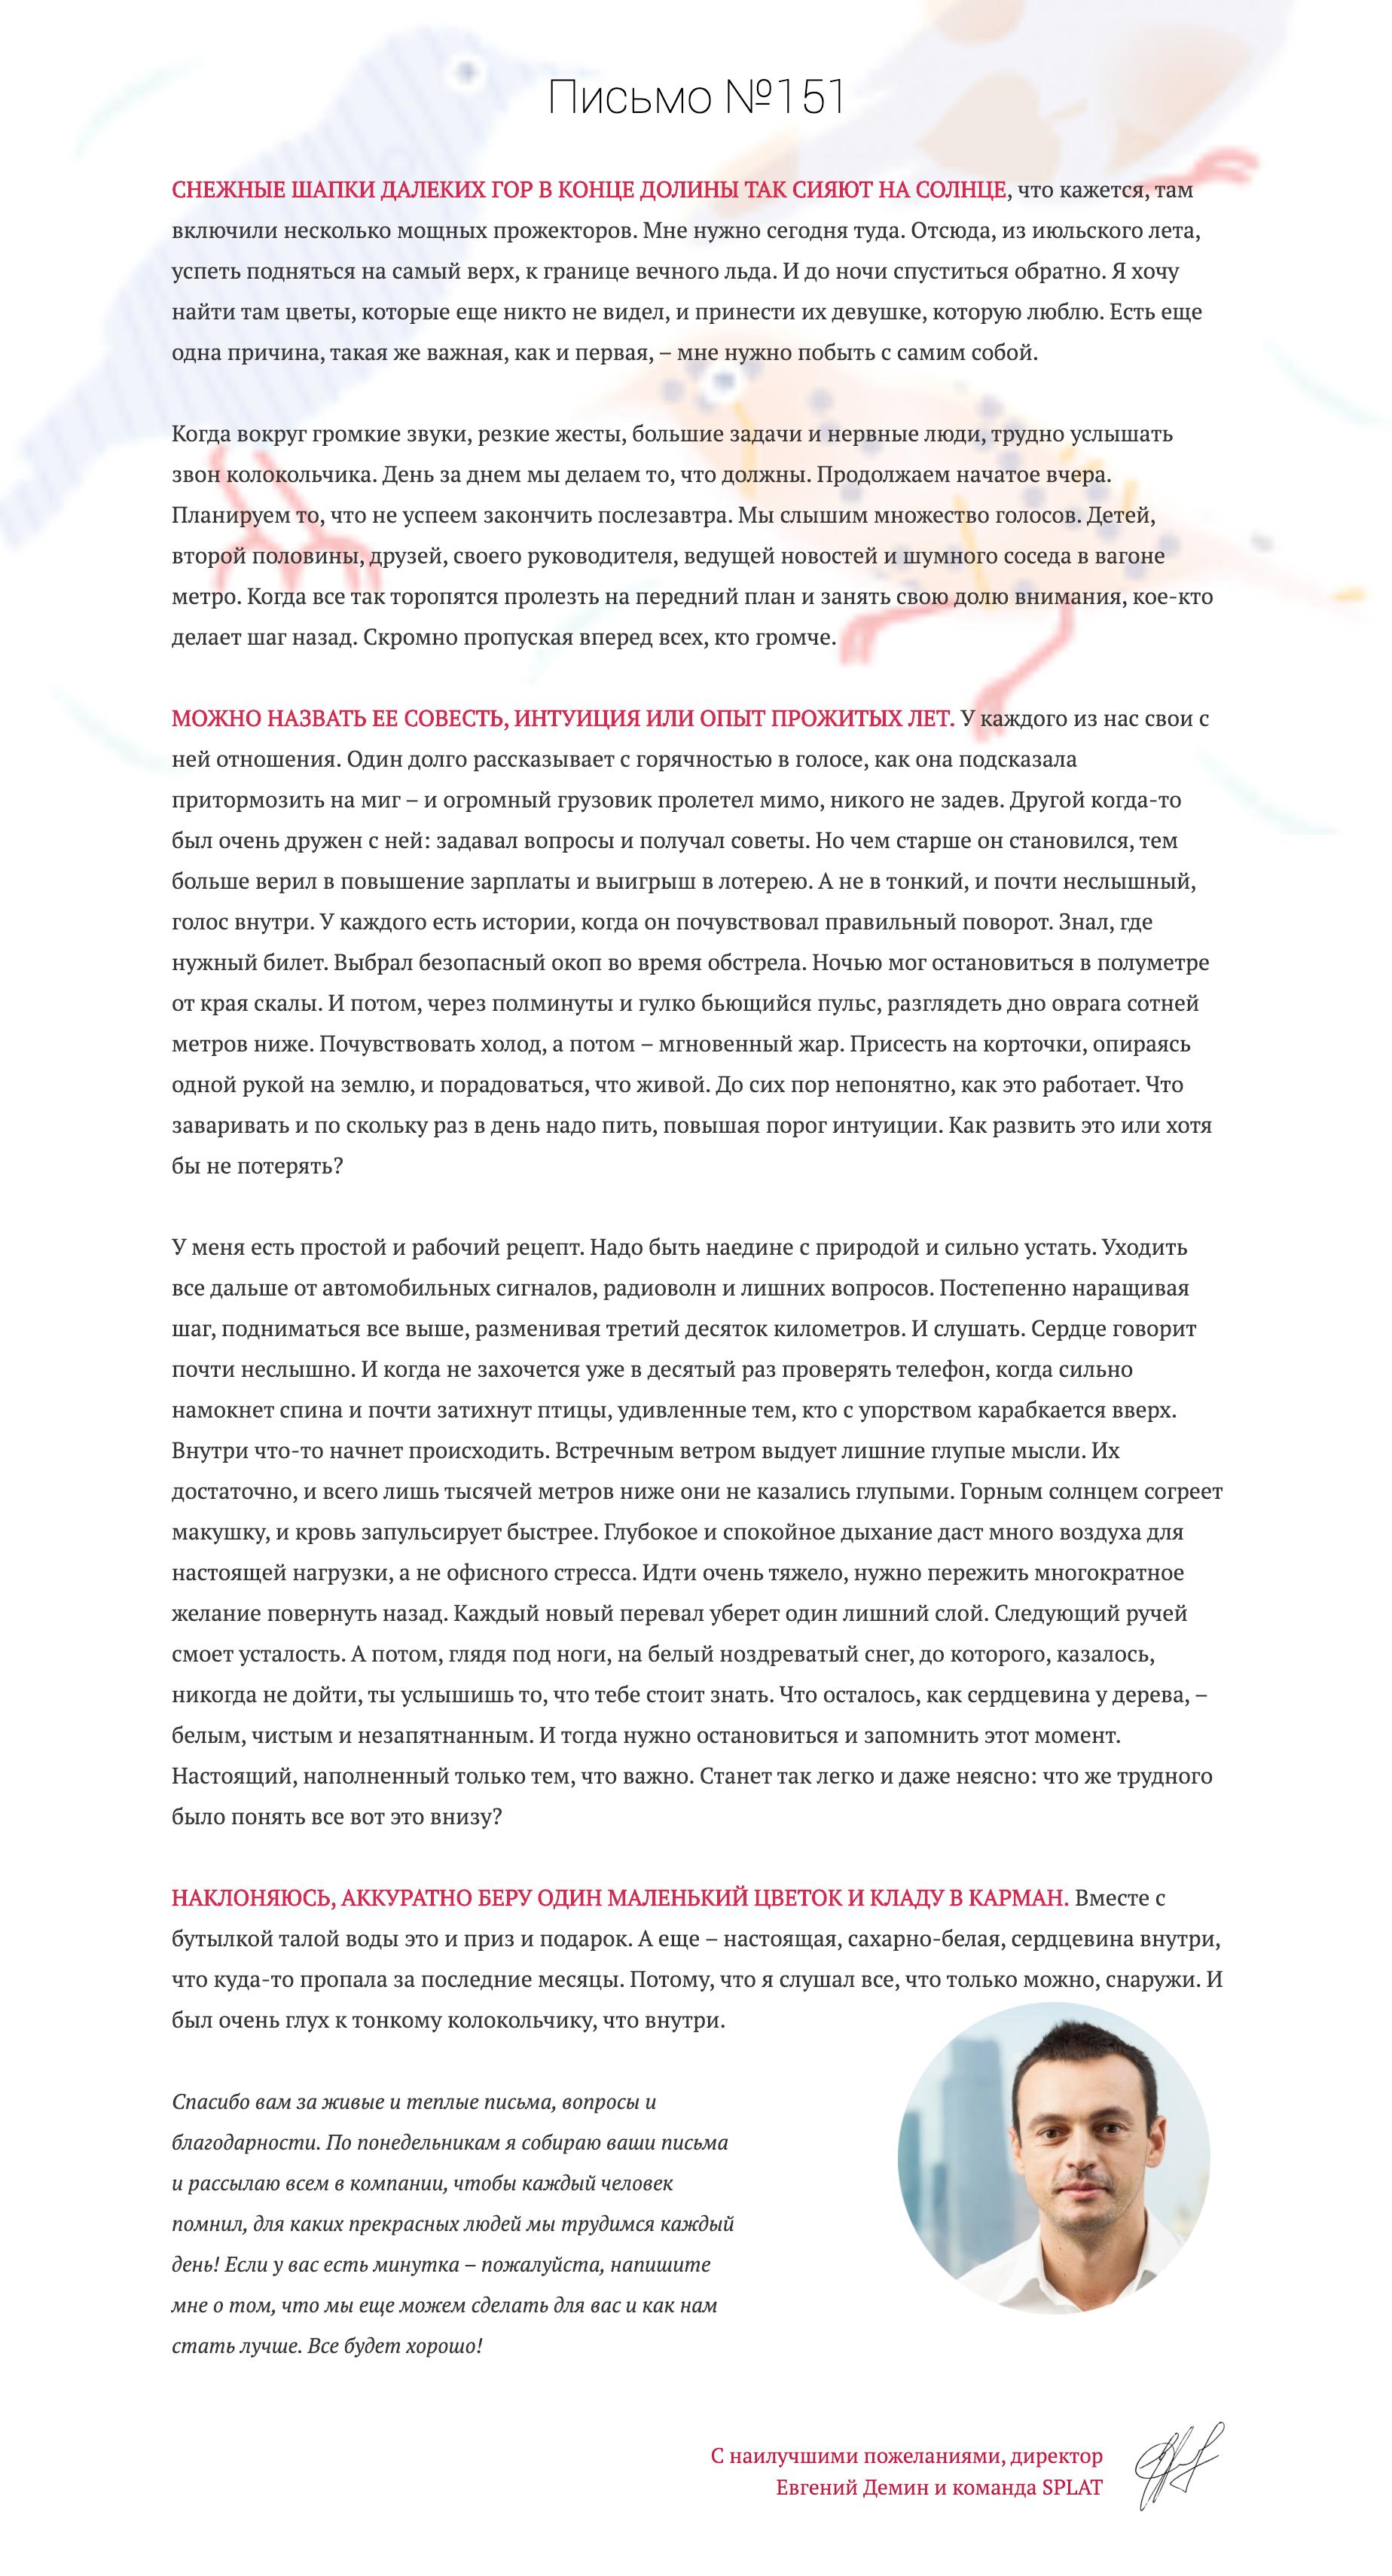 сторителлинг в рассылках, письмо CEO